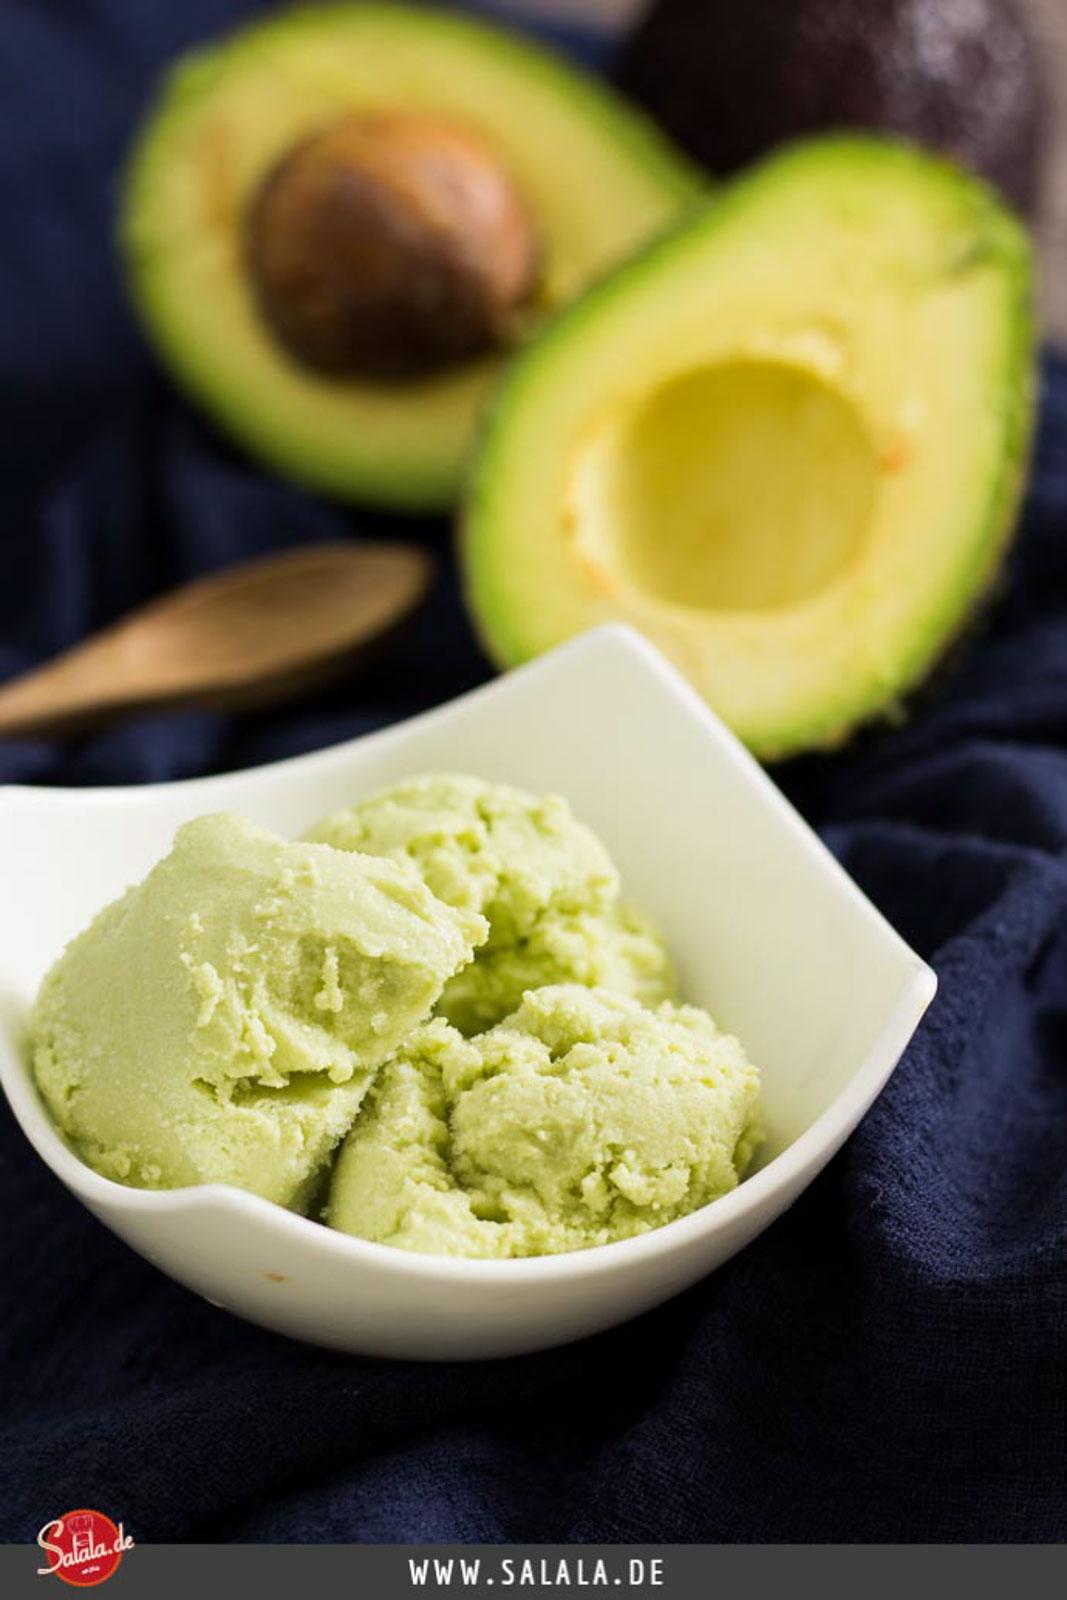 Zuckerfreis Avocado Eis mit Kokosmilch - by salala.de - selber machen mit Eismaschine Ibywind YF700 Rezept #zuckerfrei #eis #lowcarb